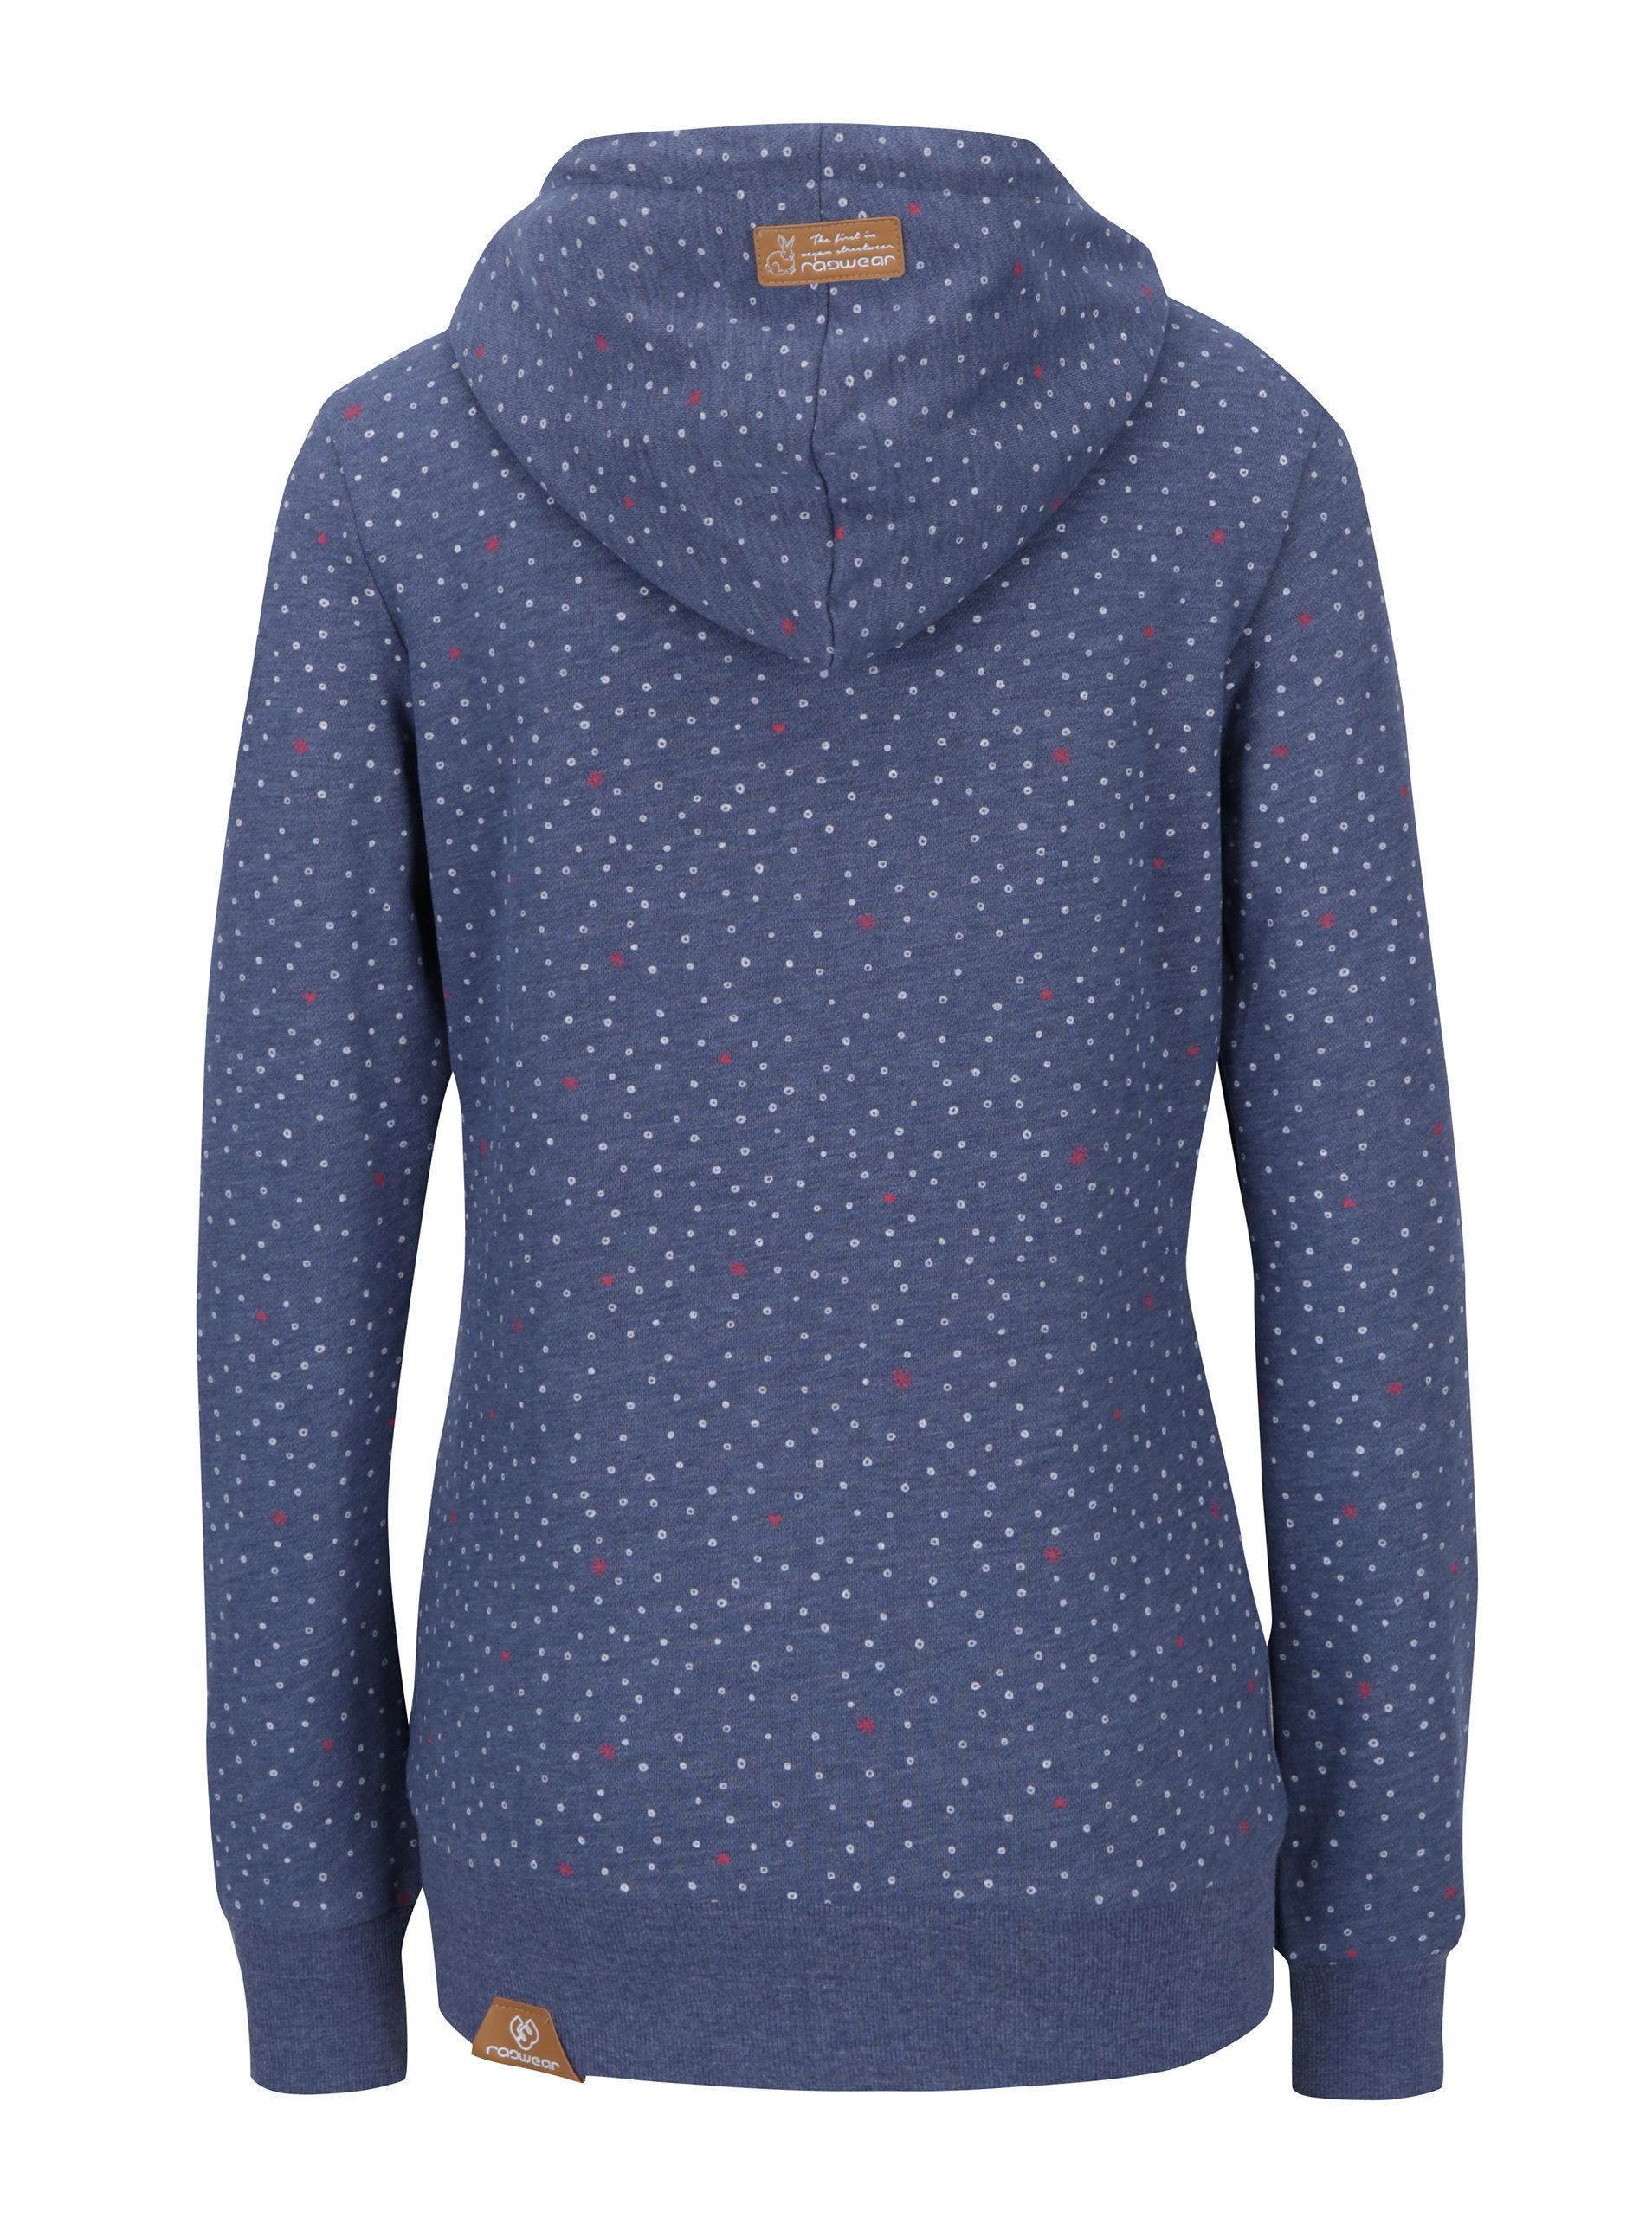 72c8b1f6b0a9 Modrá dámska vzorovaná mikina na zips Ragwear Chelsea Heart Zip ...